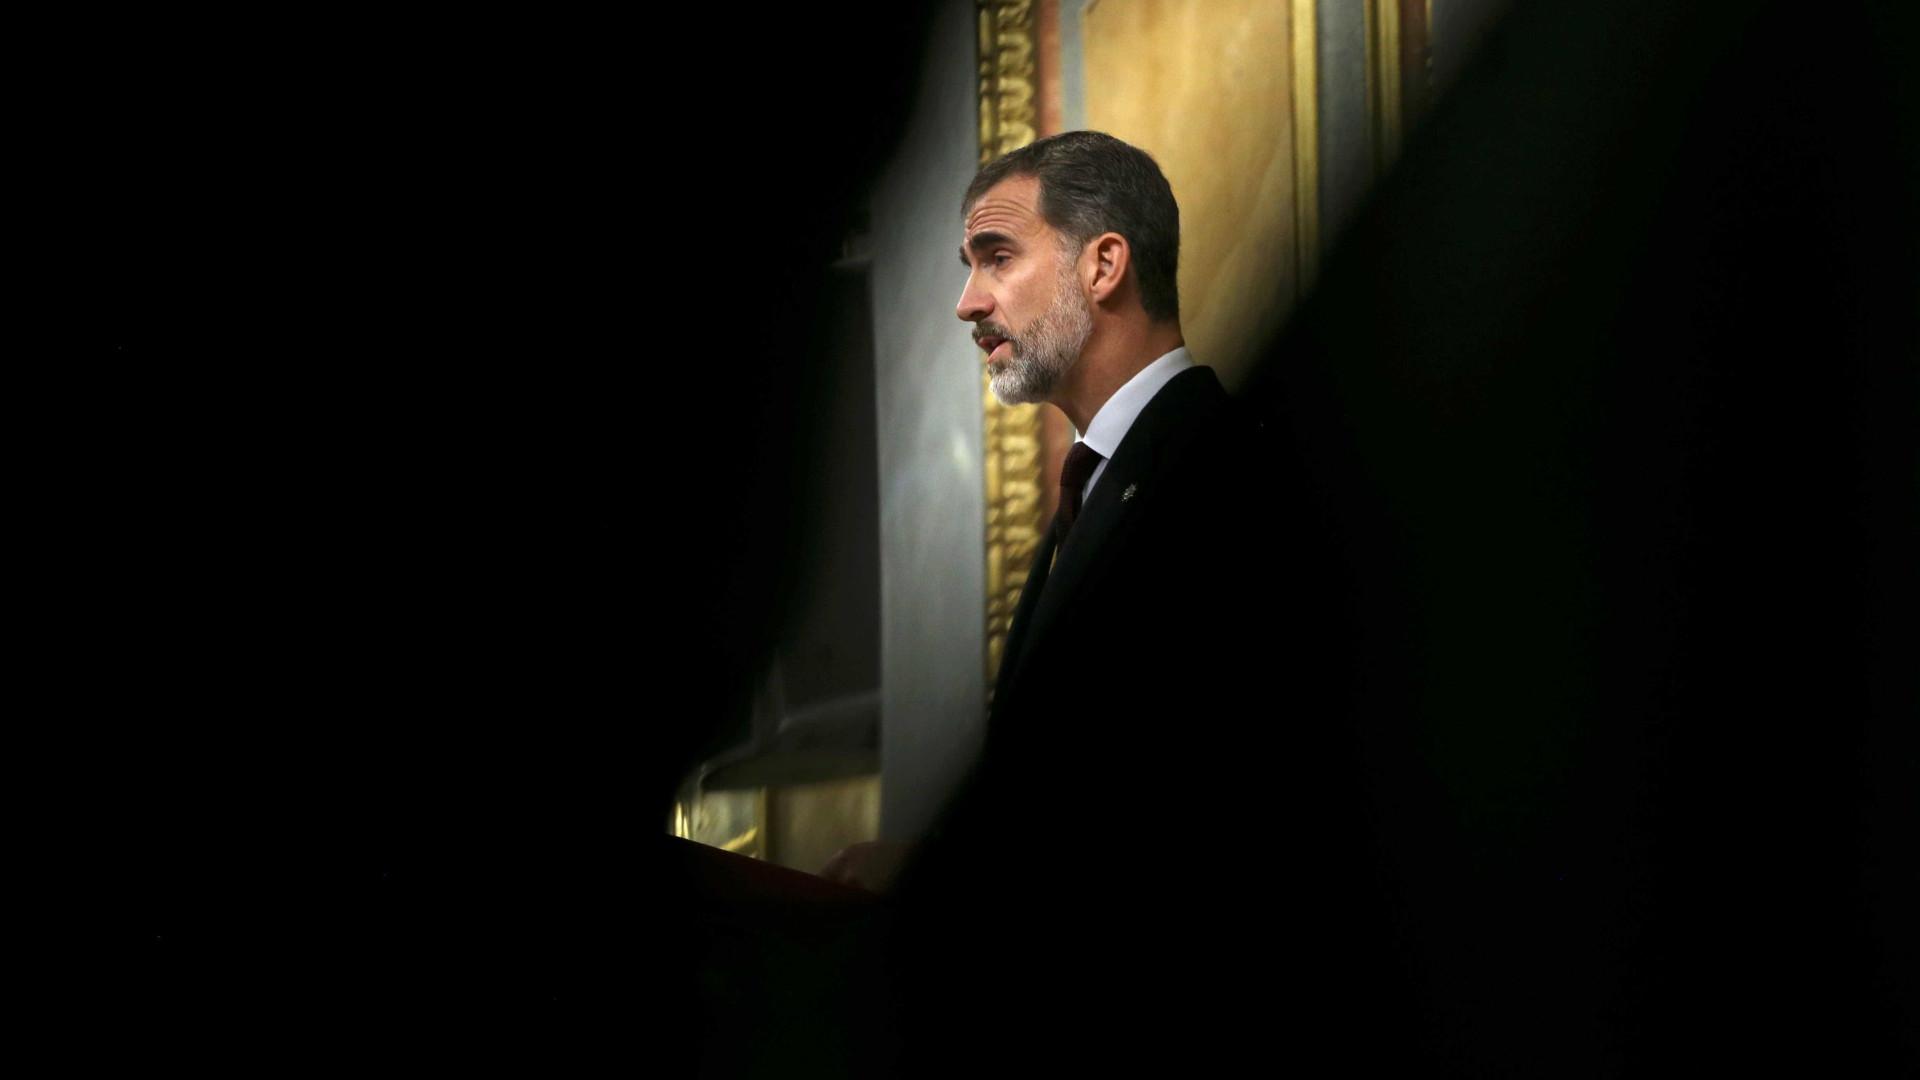 Rei de Espanha diz que Constituição prevalecerá sobre a desunião